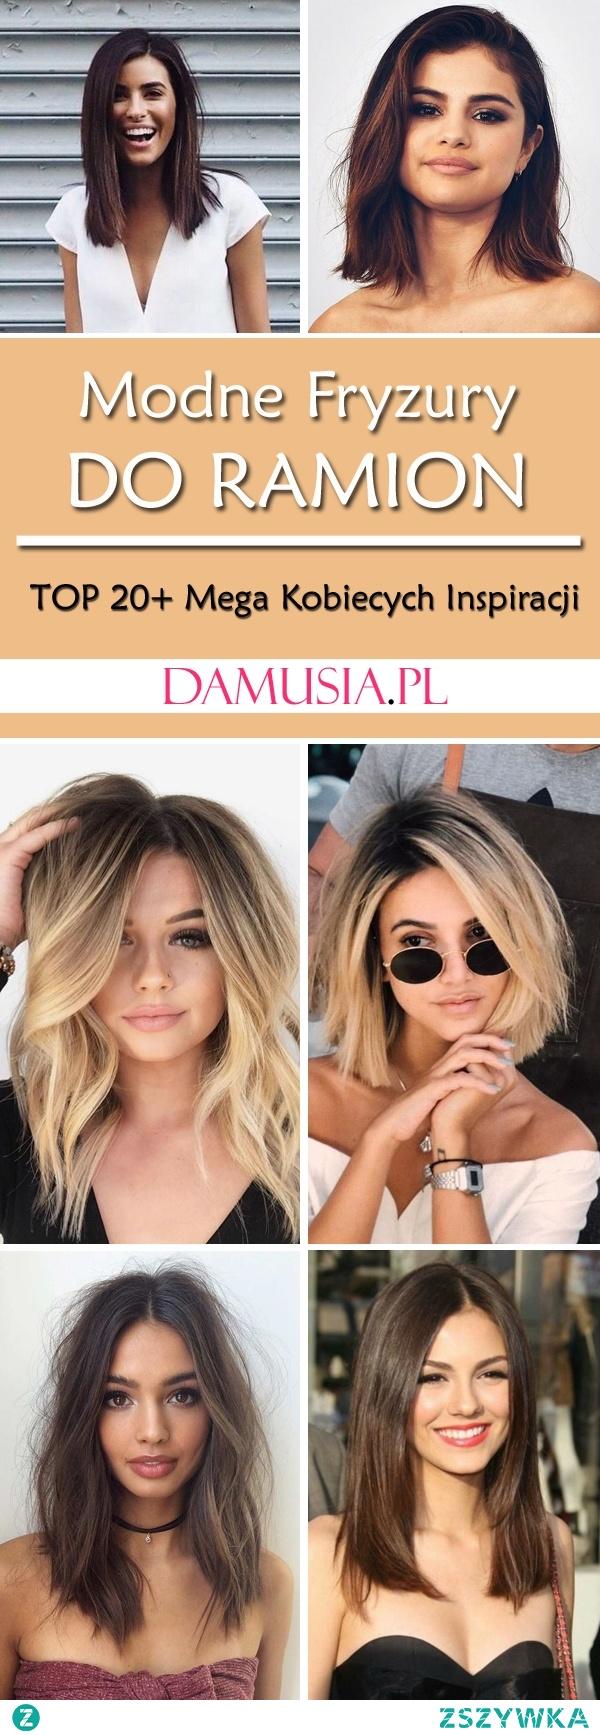 Modne Włosy do Ramion: TOP 20+ Mega Kobiecych Inspiracji na Modne Fryzury